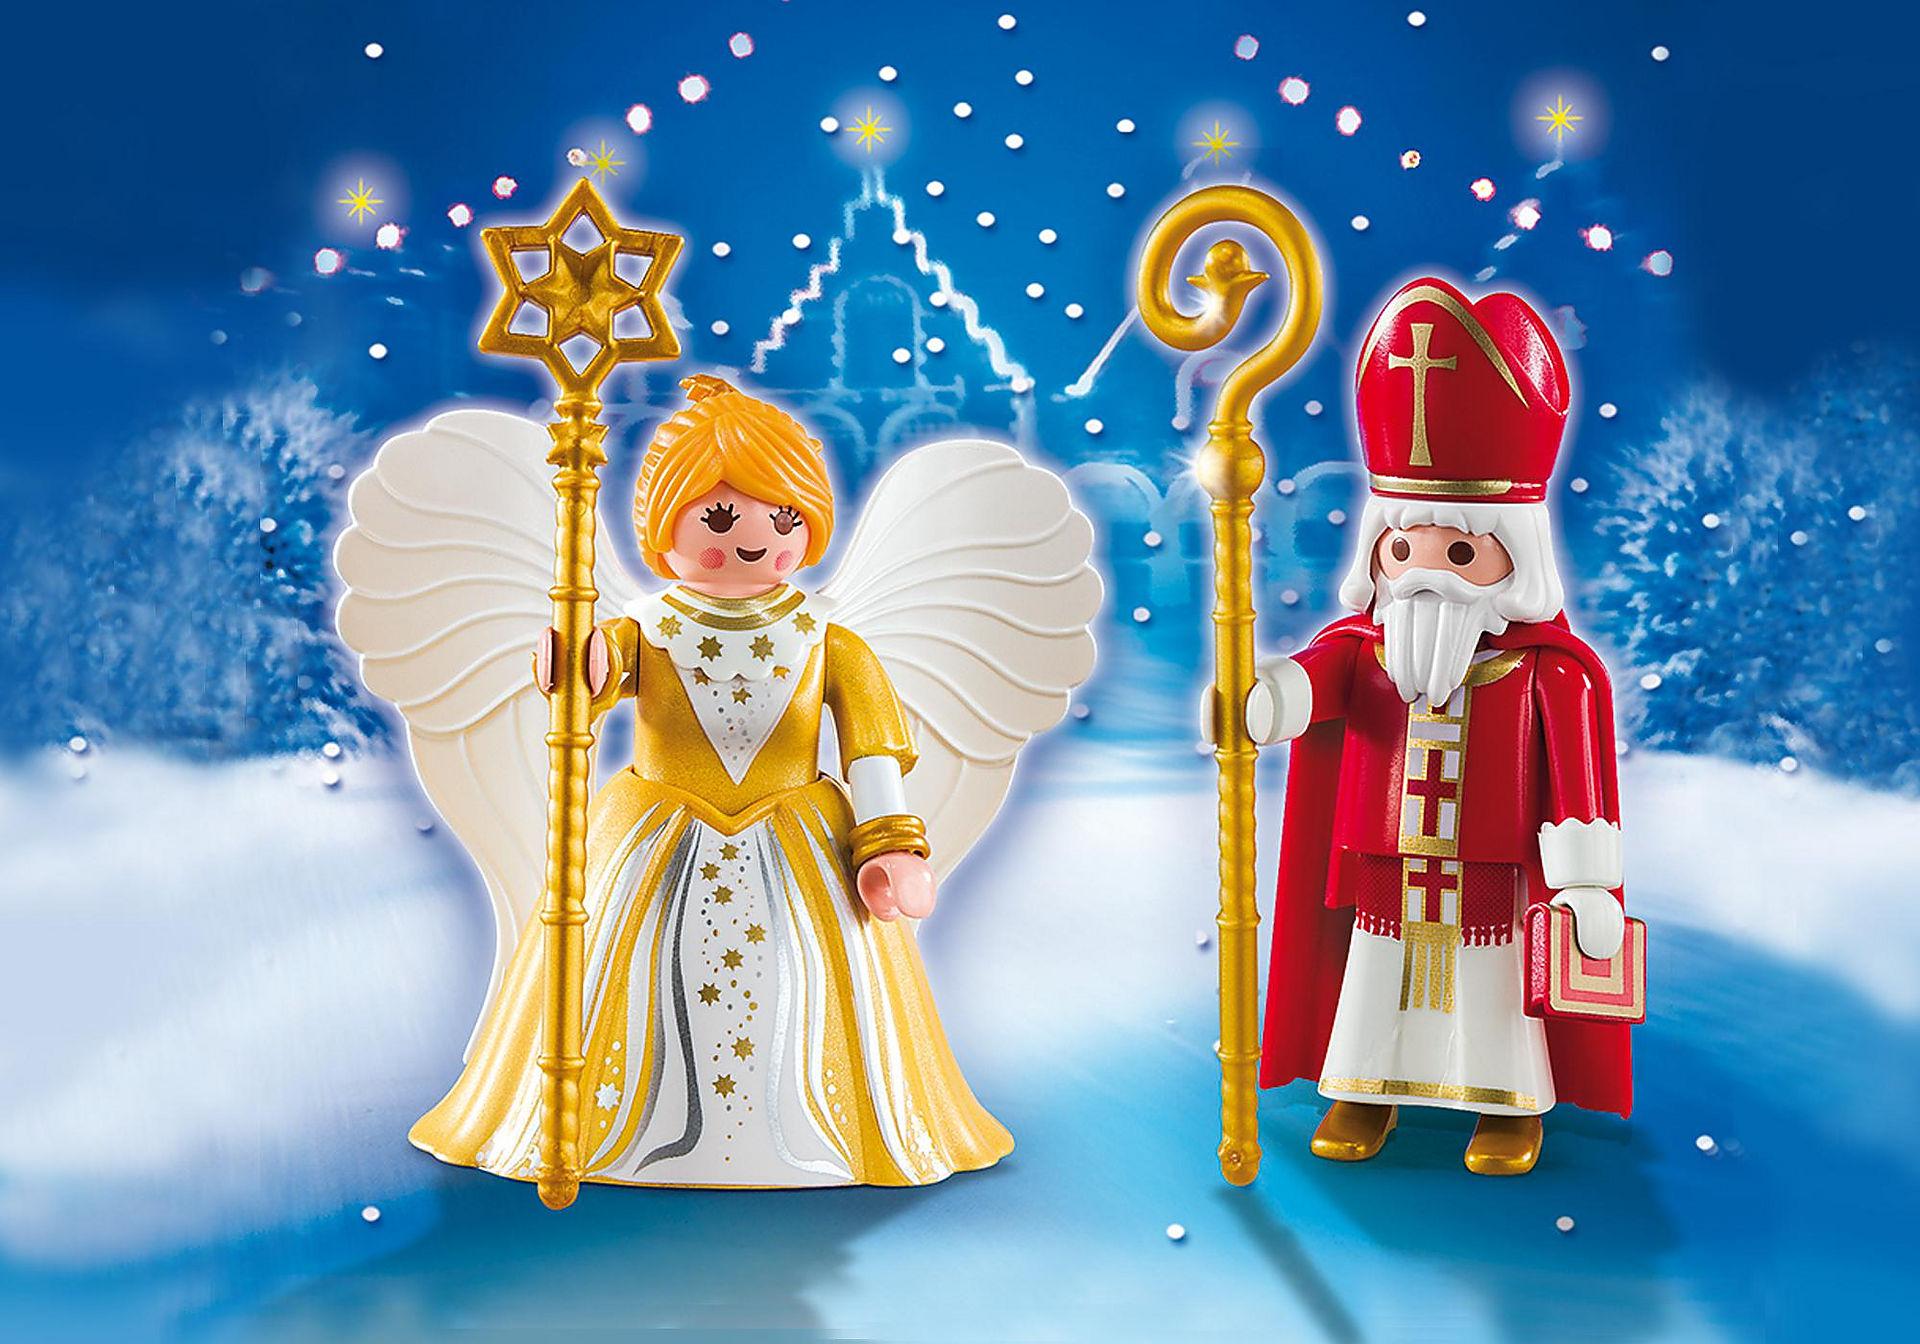 5592 São Nicolau e Anjo de Natal zoom image1